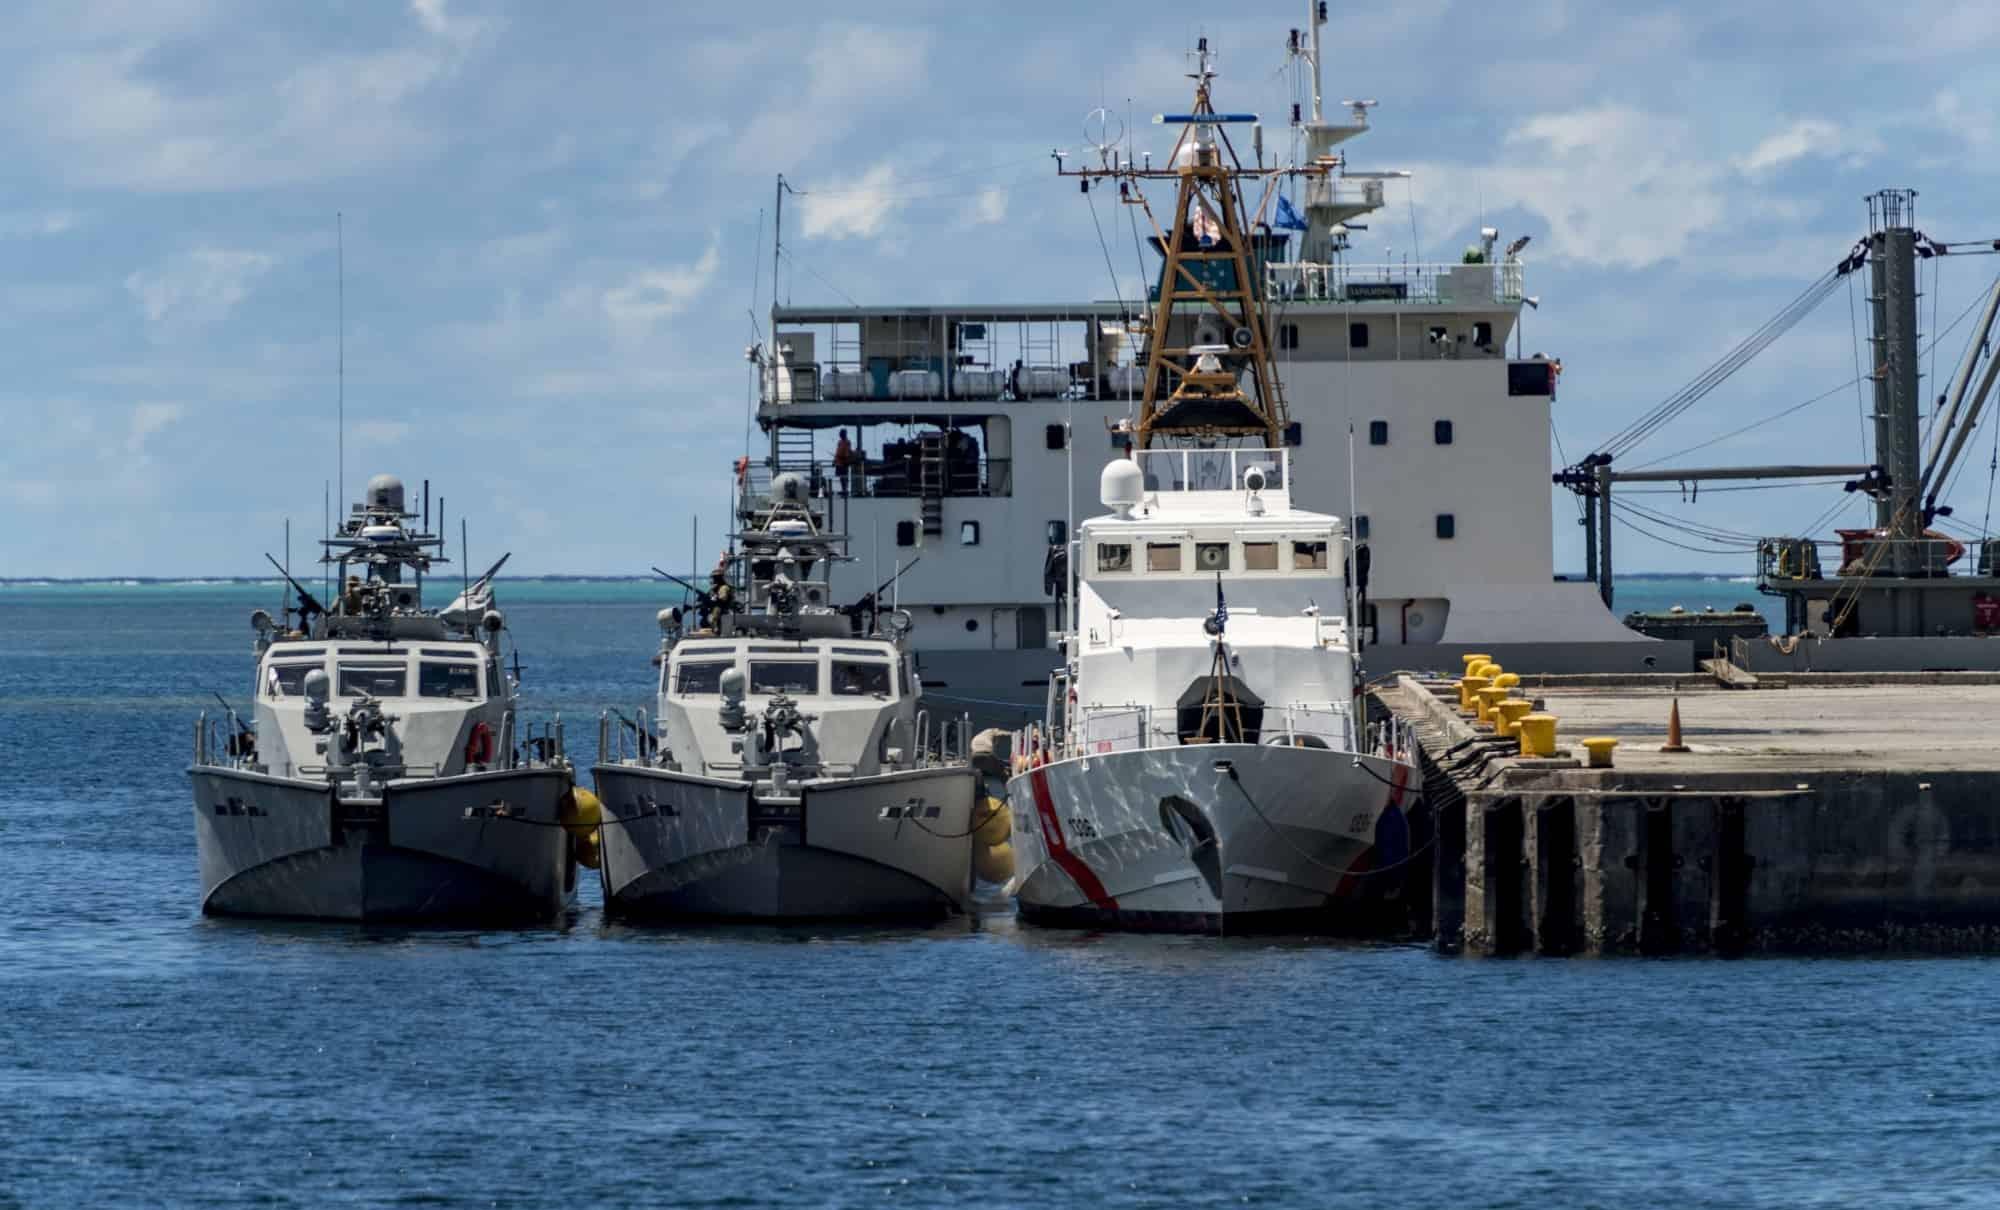 Под Херсоном построят плавучий причал для ВМС Украины за 23,5 миллиона гривен